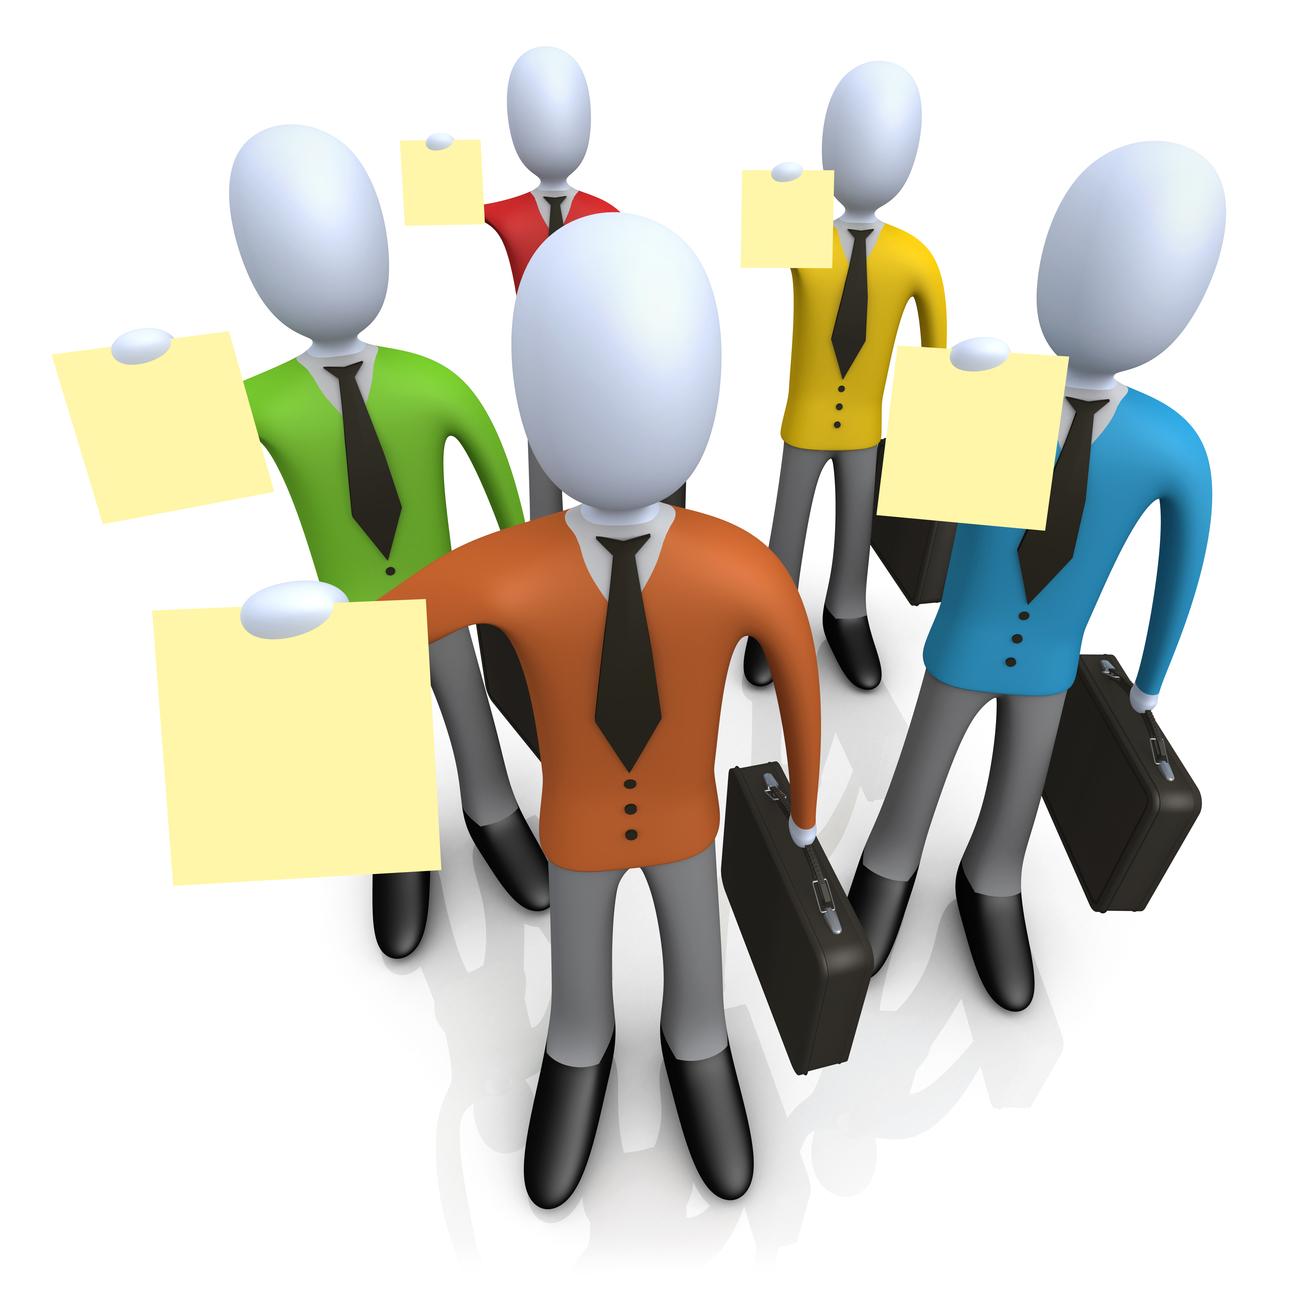 Free market cliparts download. Jobs clipart person job